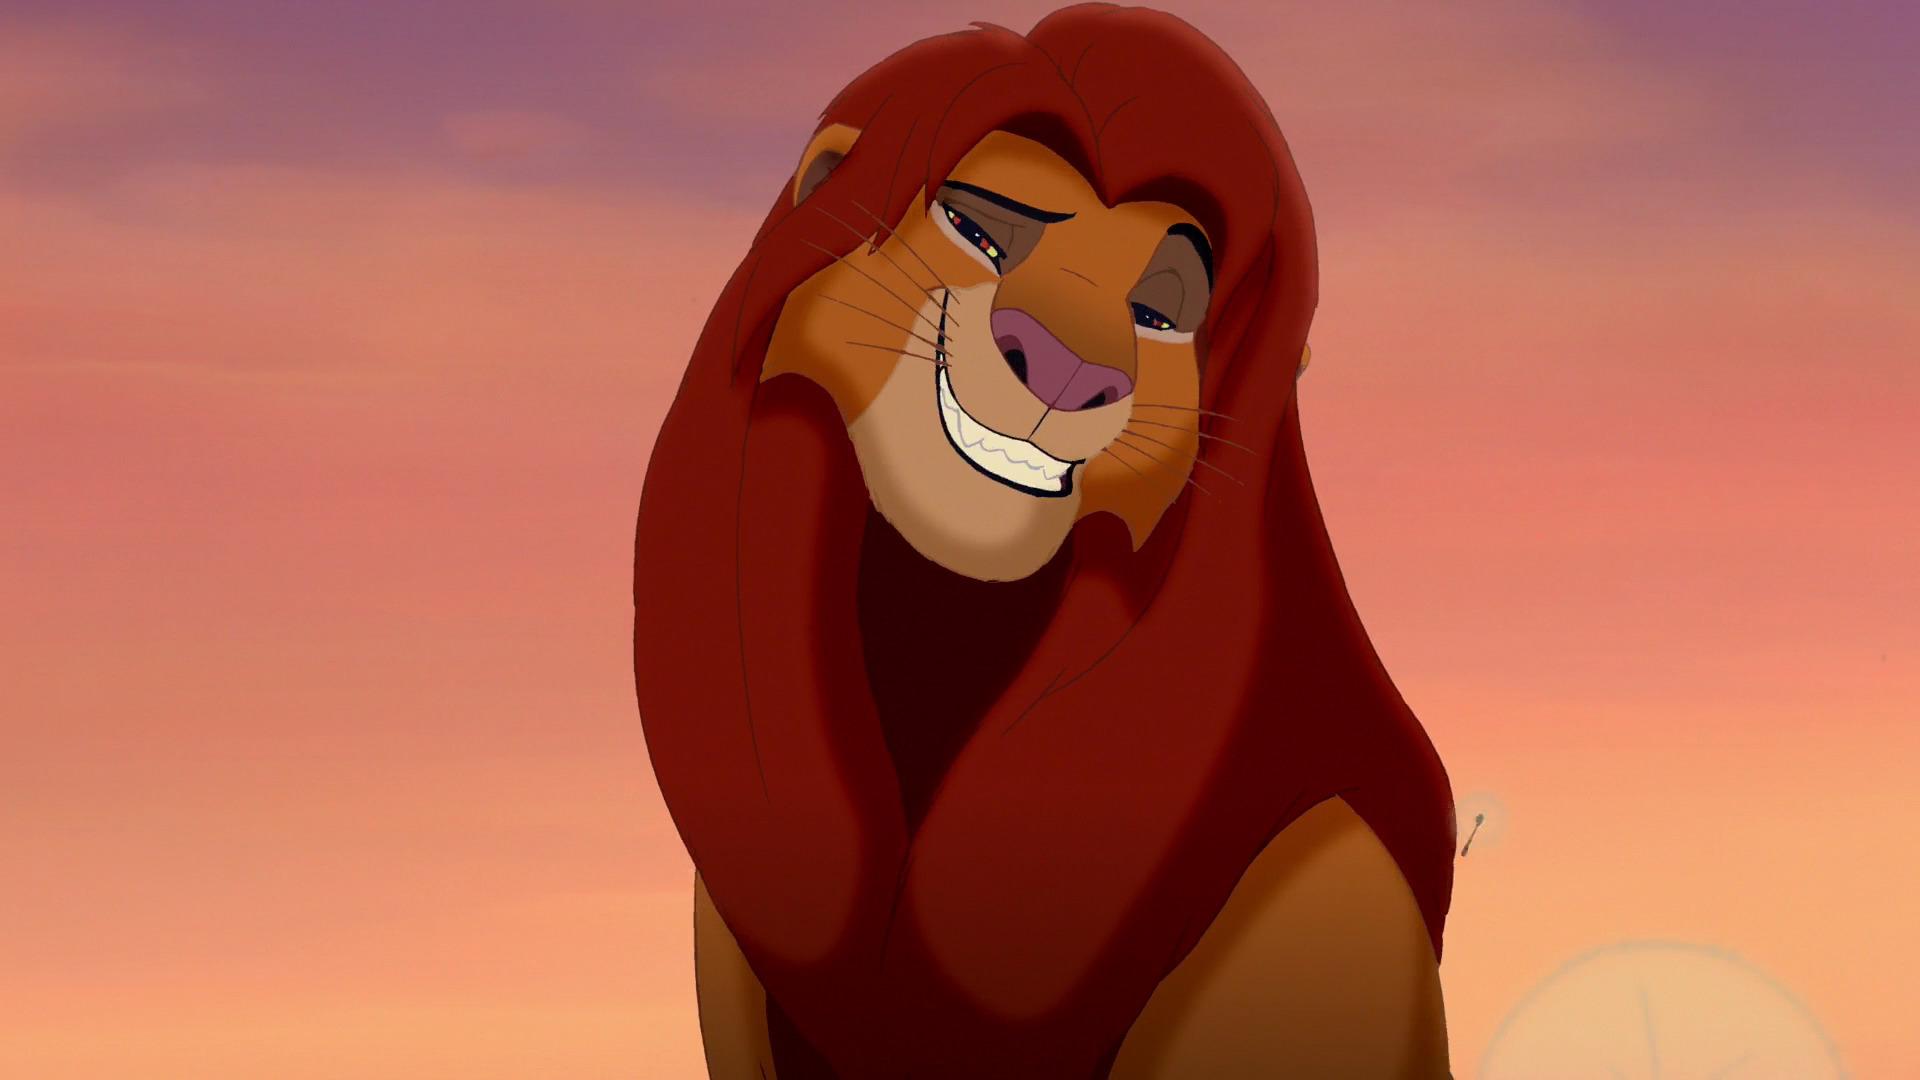 Simba | Disney Wiki | FANDOM powered by Wikia